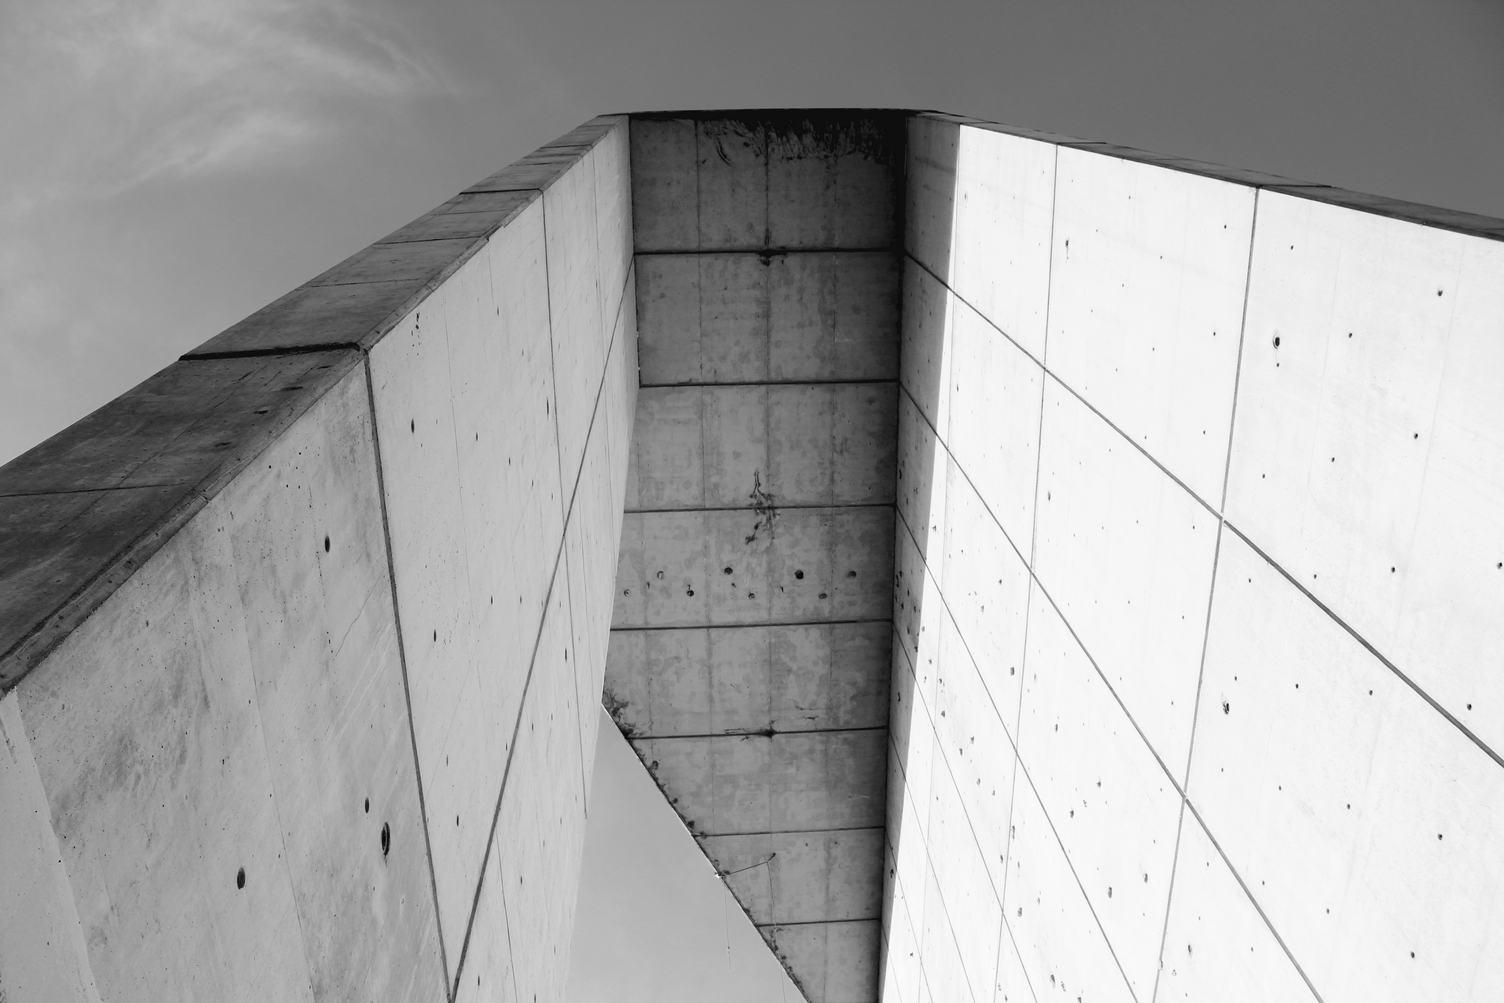 Concrete Building Facade